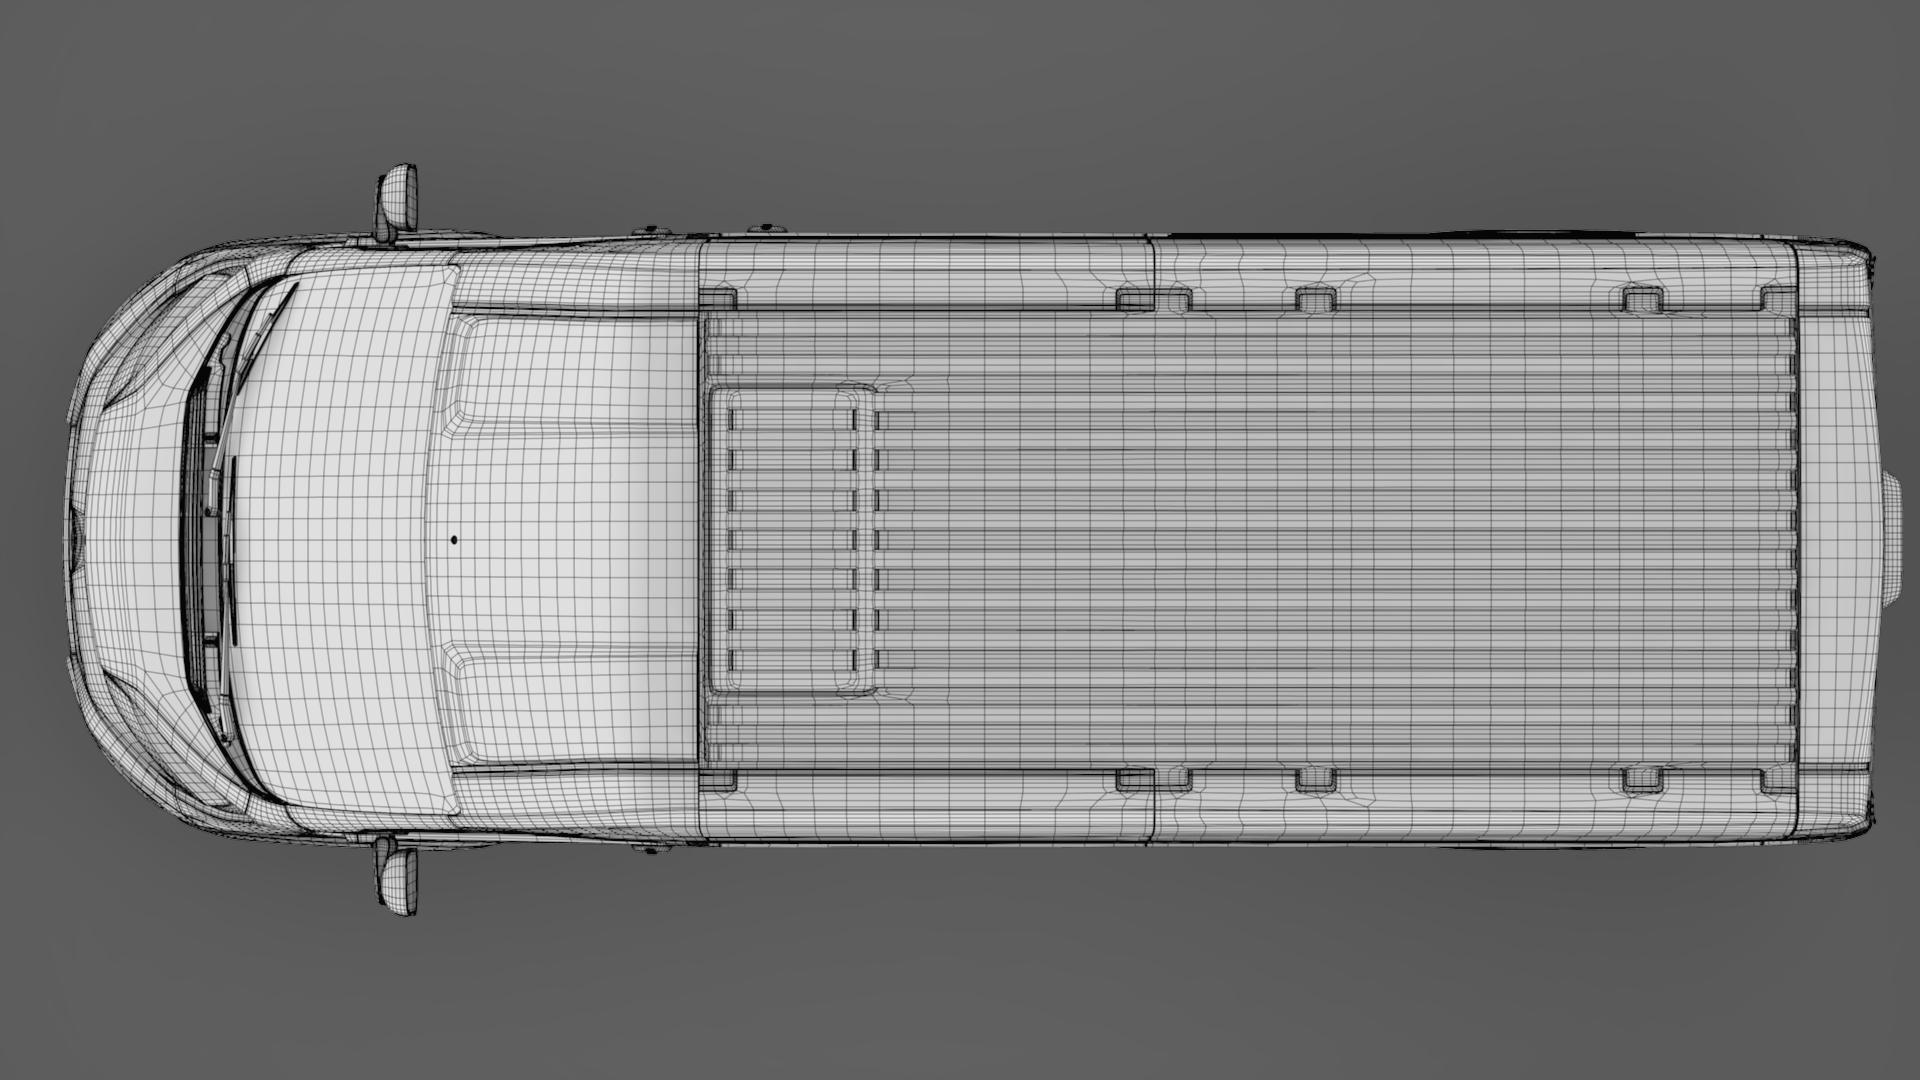 citroen jumper van l3h3 2017 3d model 3ds max fbx c4d lwo ma mb hrc xsi obj 222285